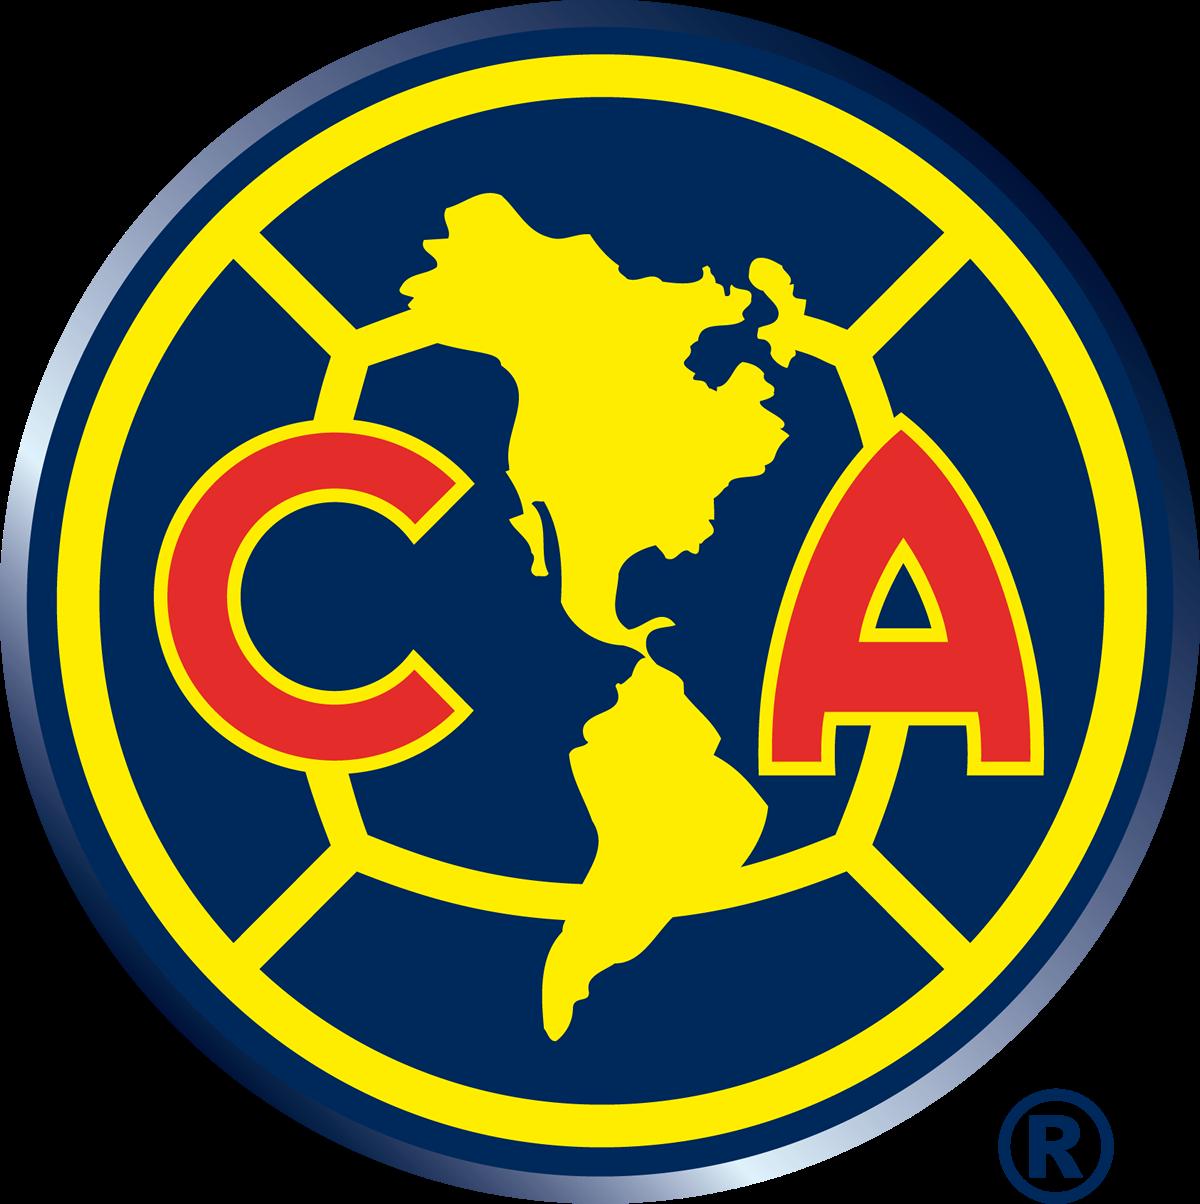 escudo del equipo america: